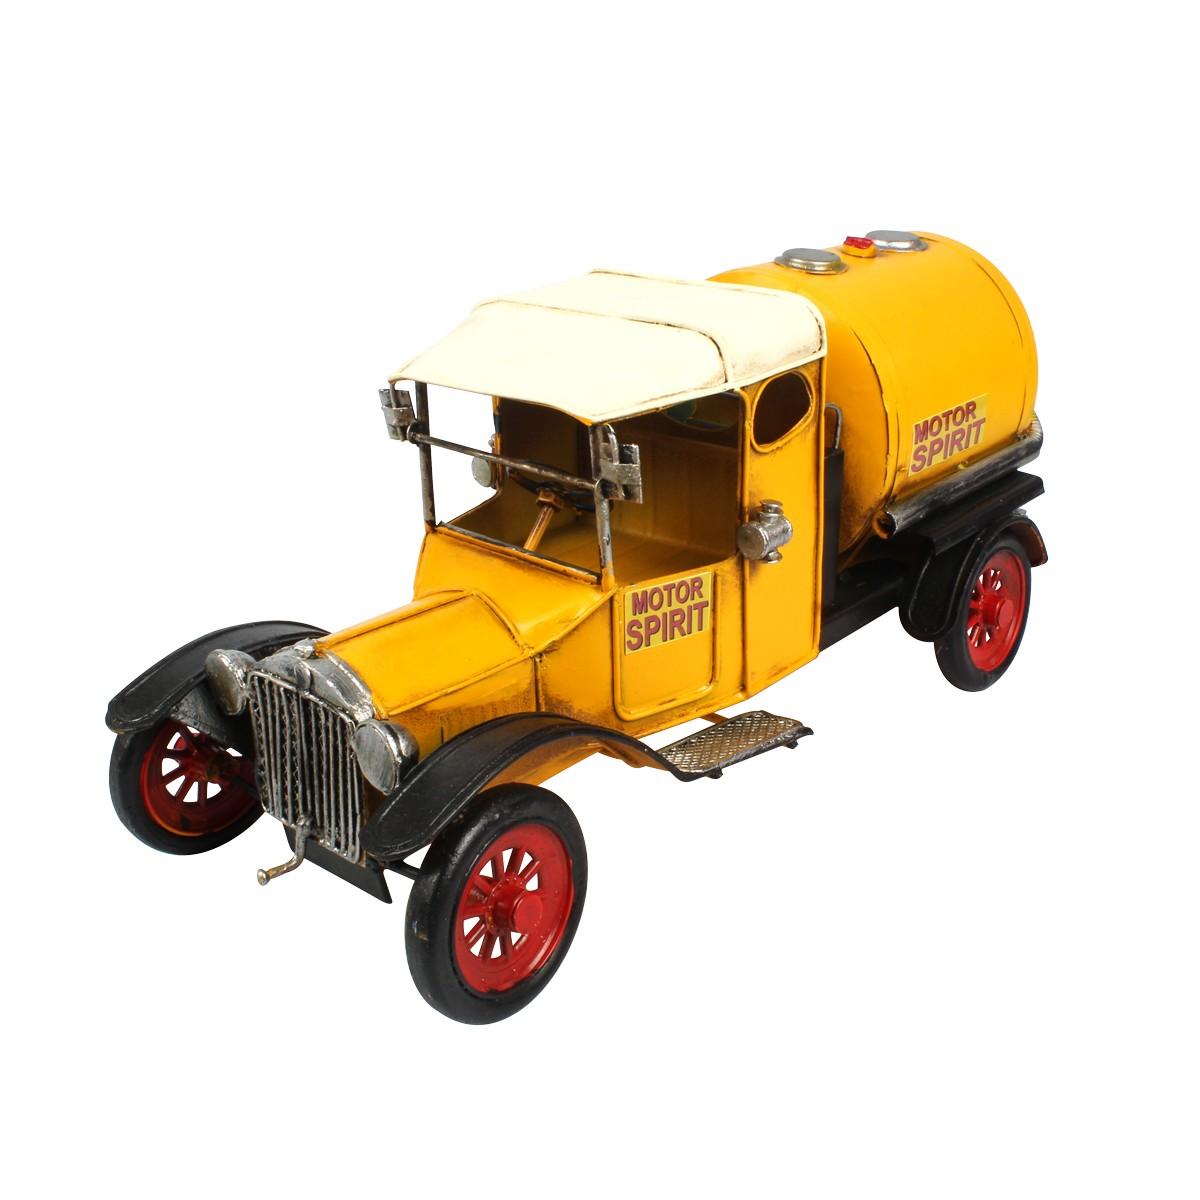 Miniatura de Metal Caminhão Tanque Motor Spirit Amarelo